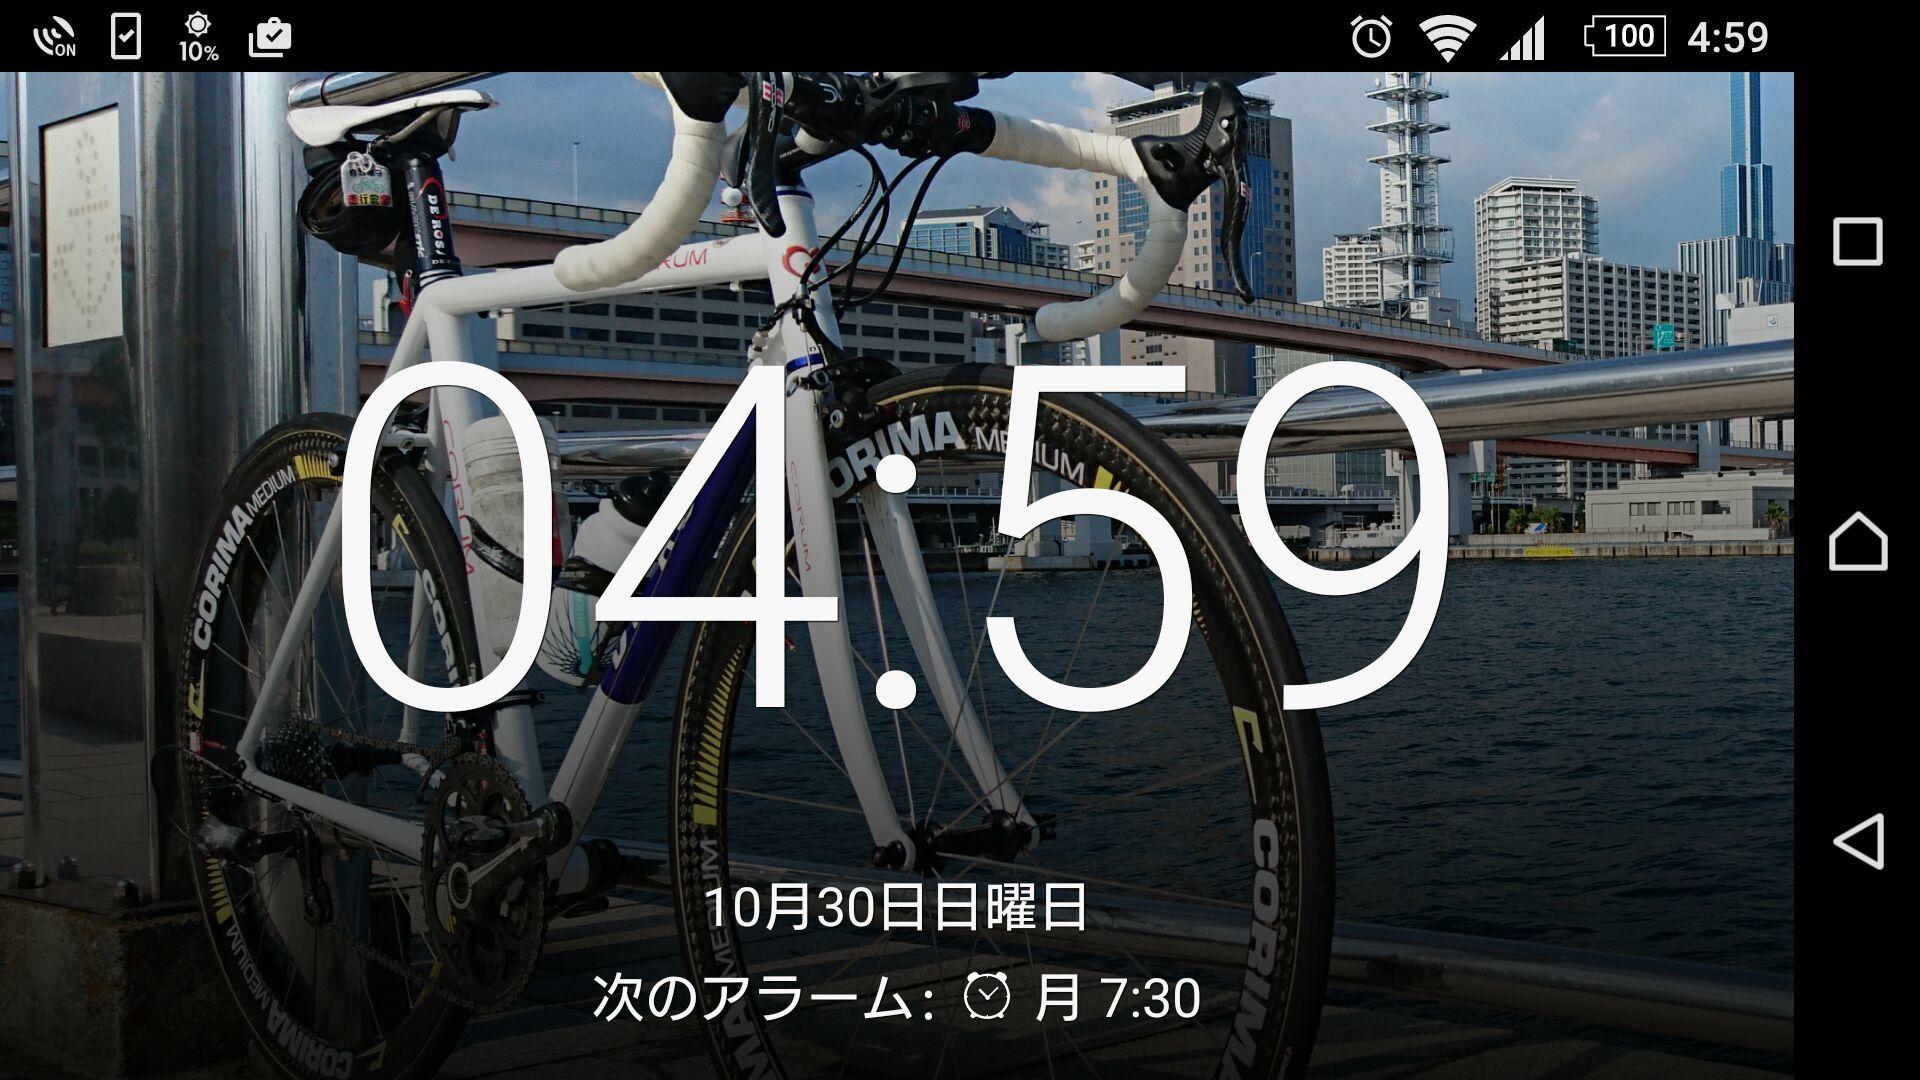 b0299252_23243017.jpg